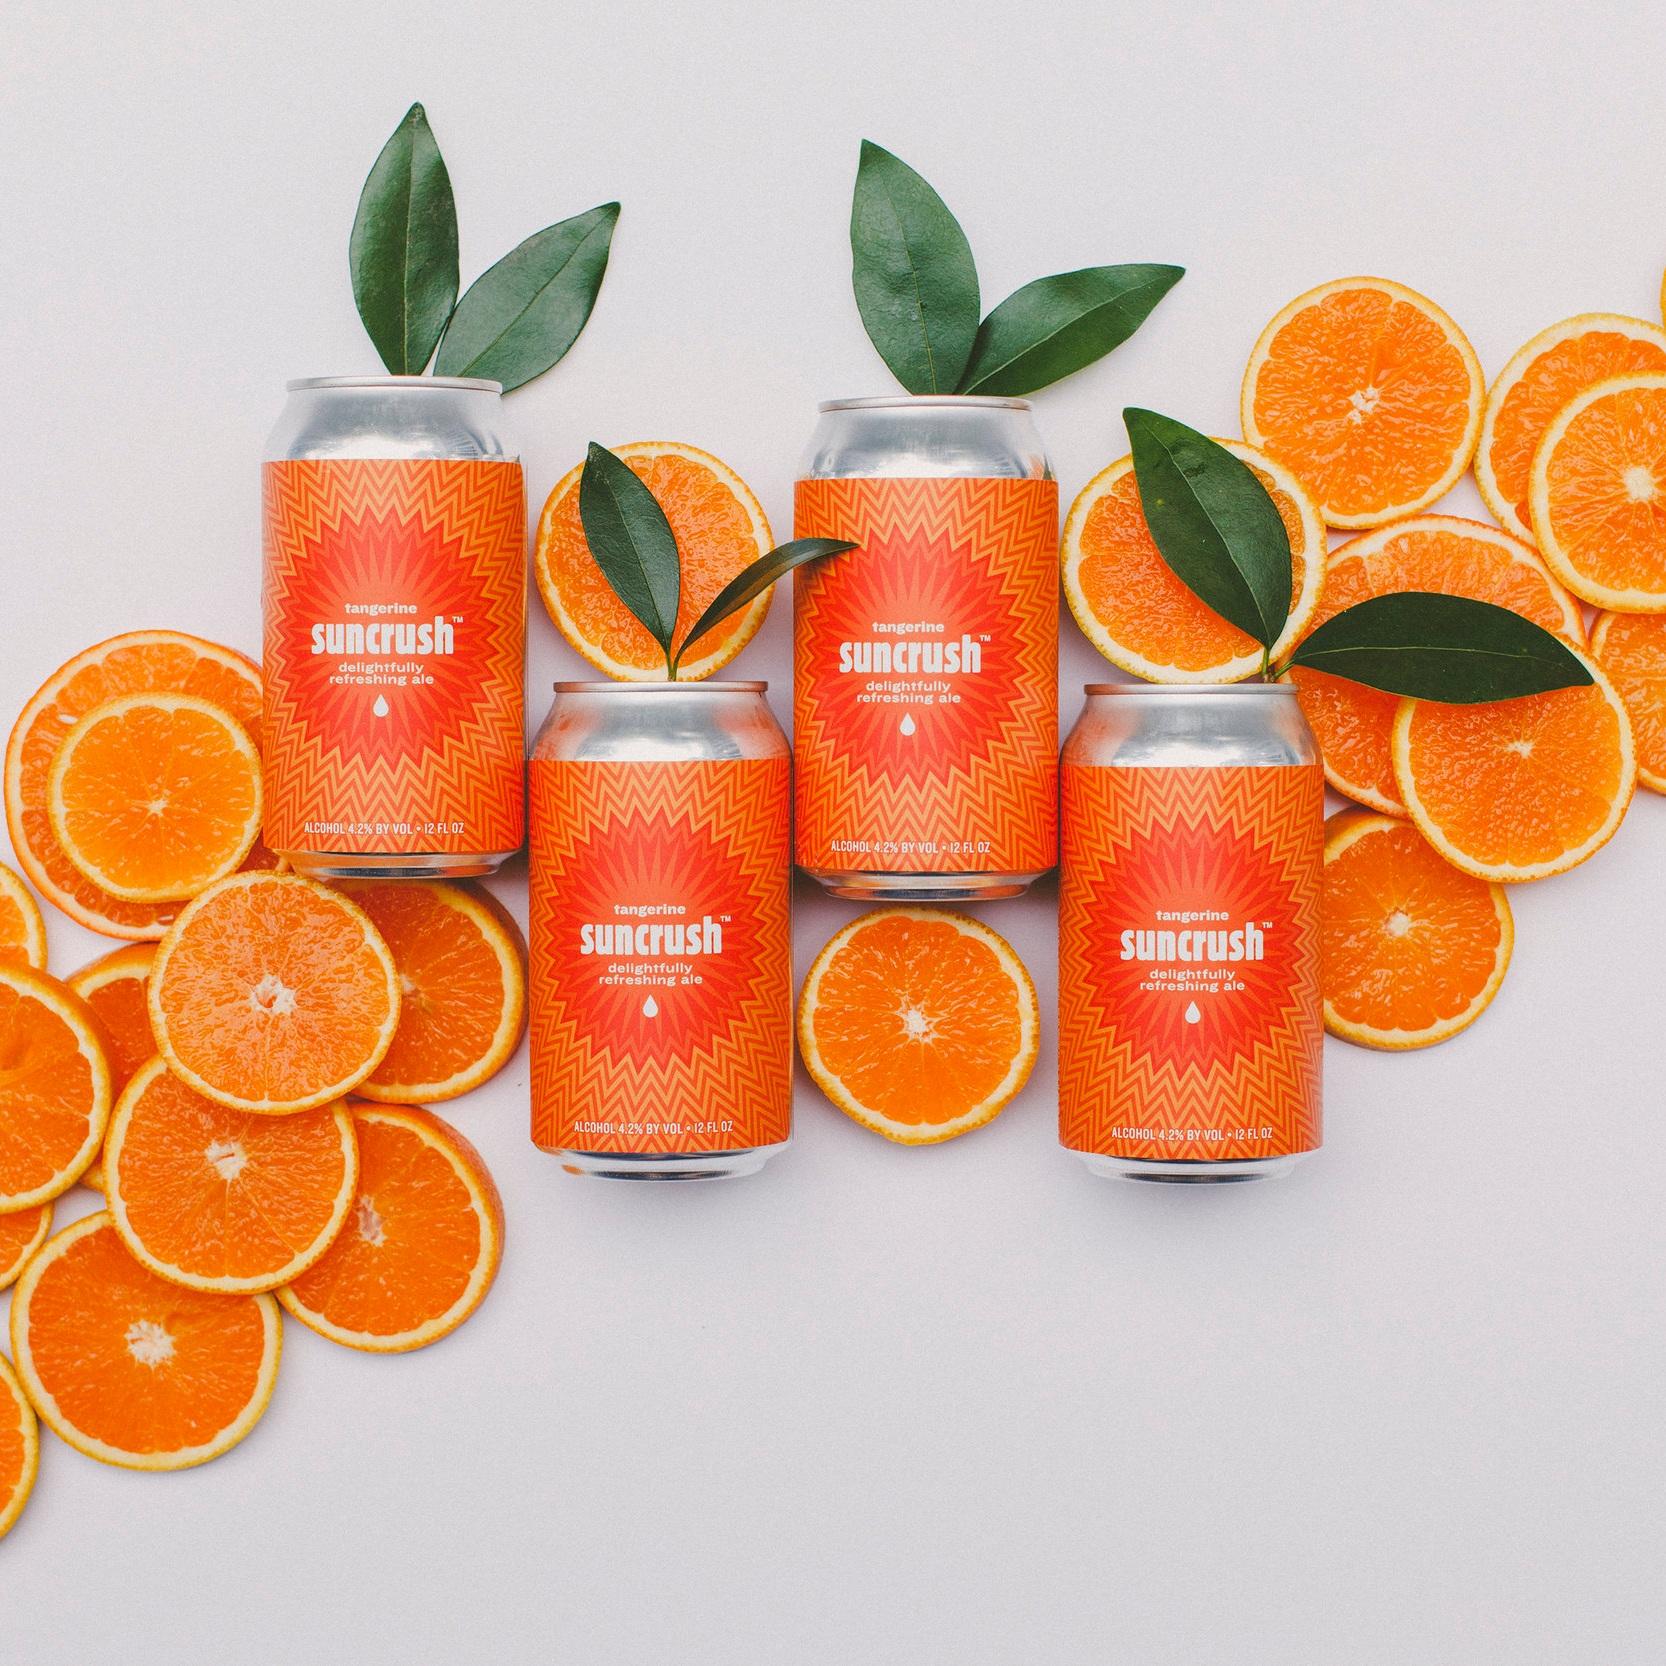 Tangerine+Suncrush+Cans.jpg